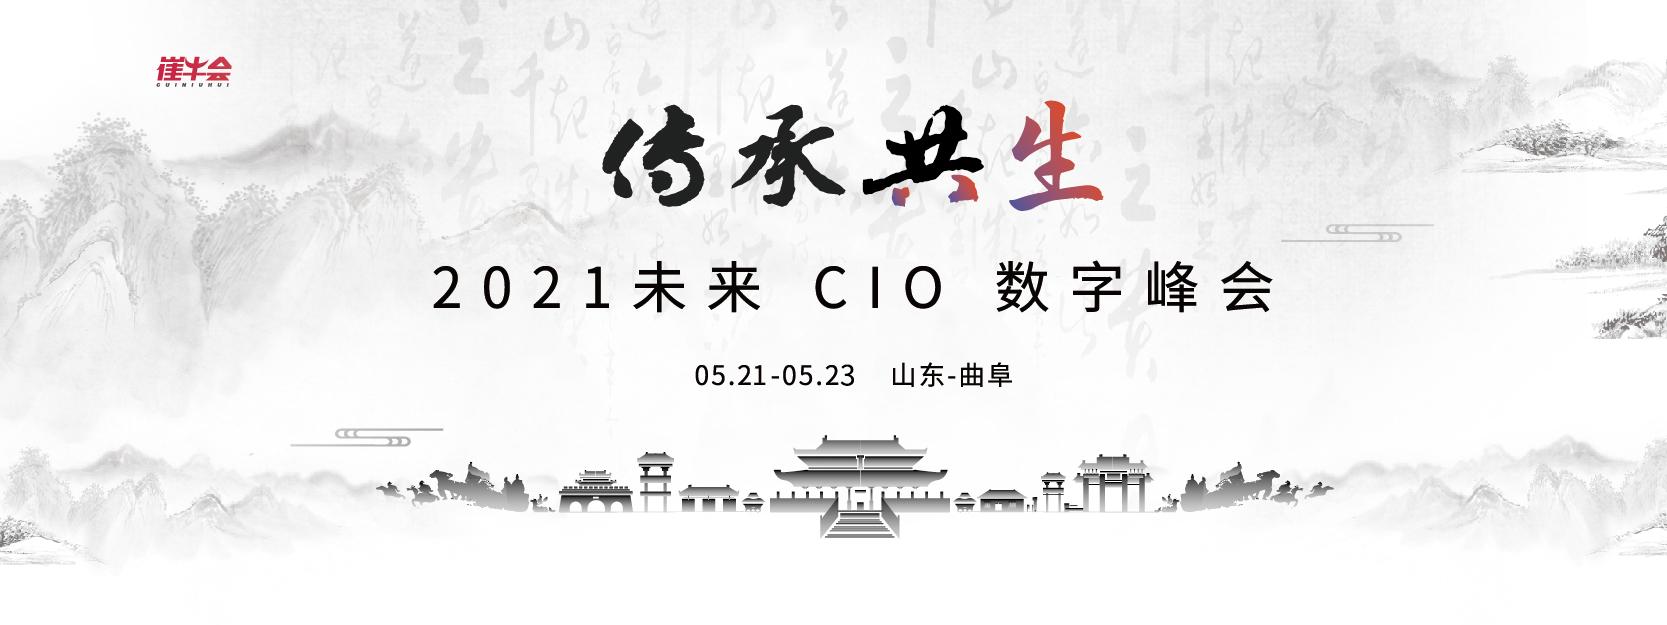 2021 未来 CIO 数字峰会